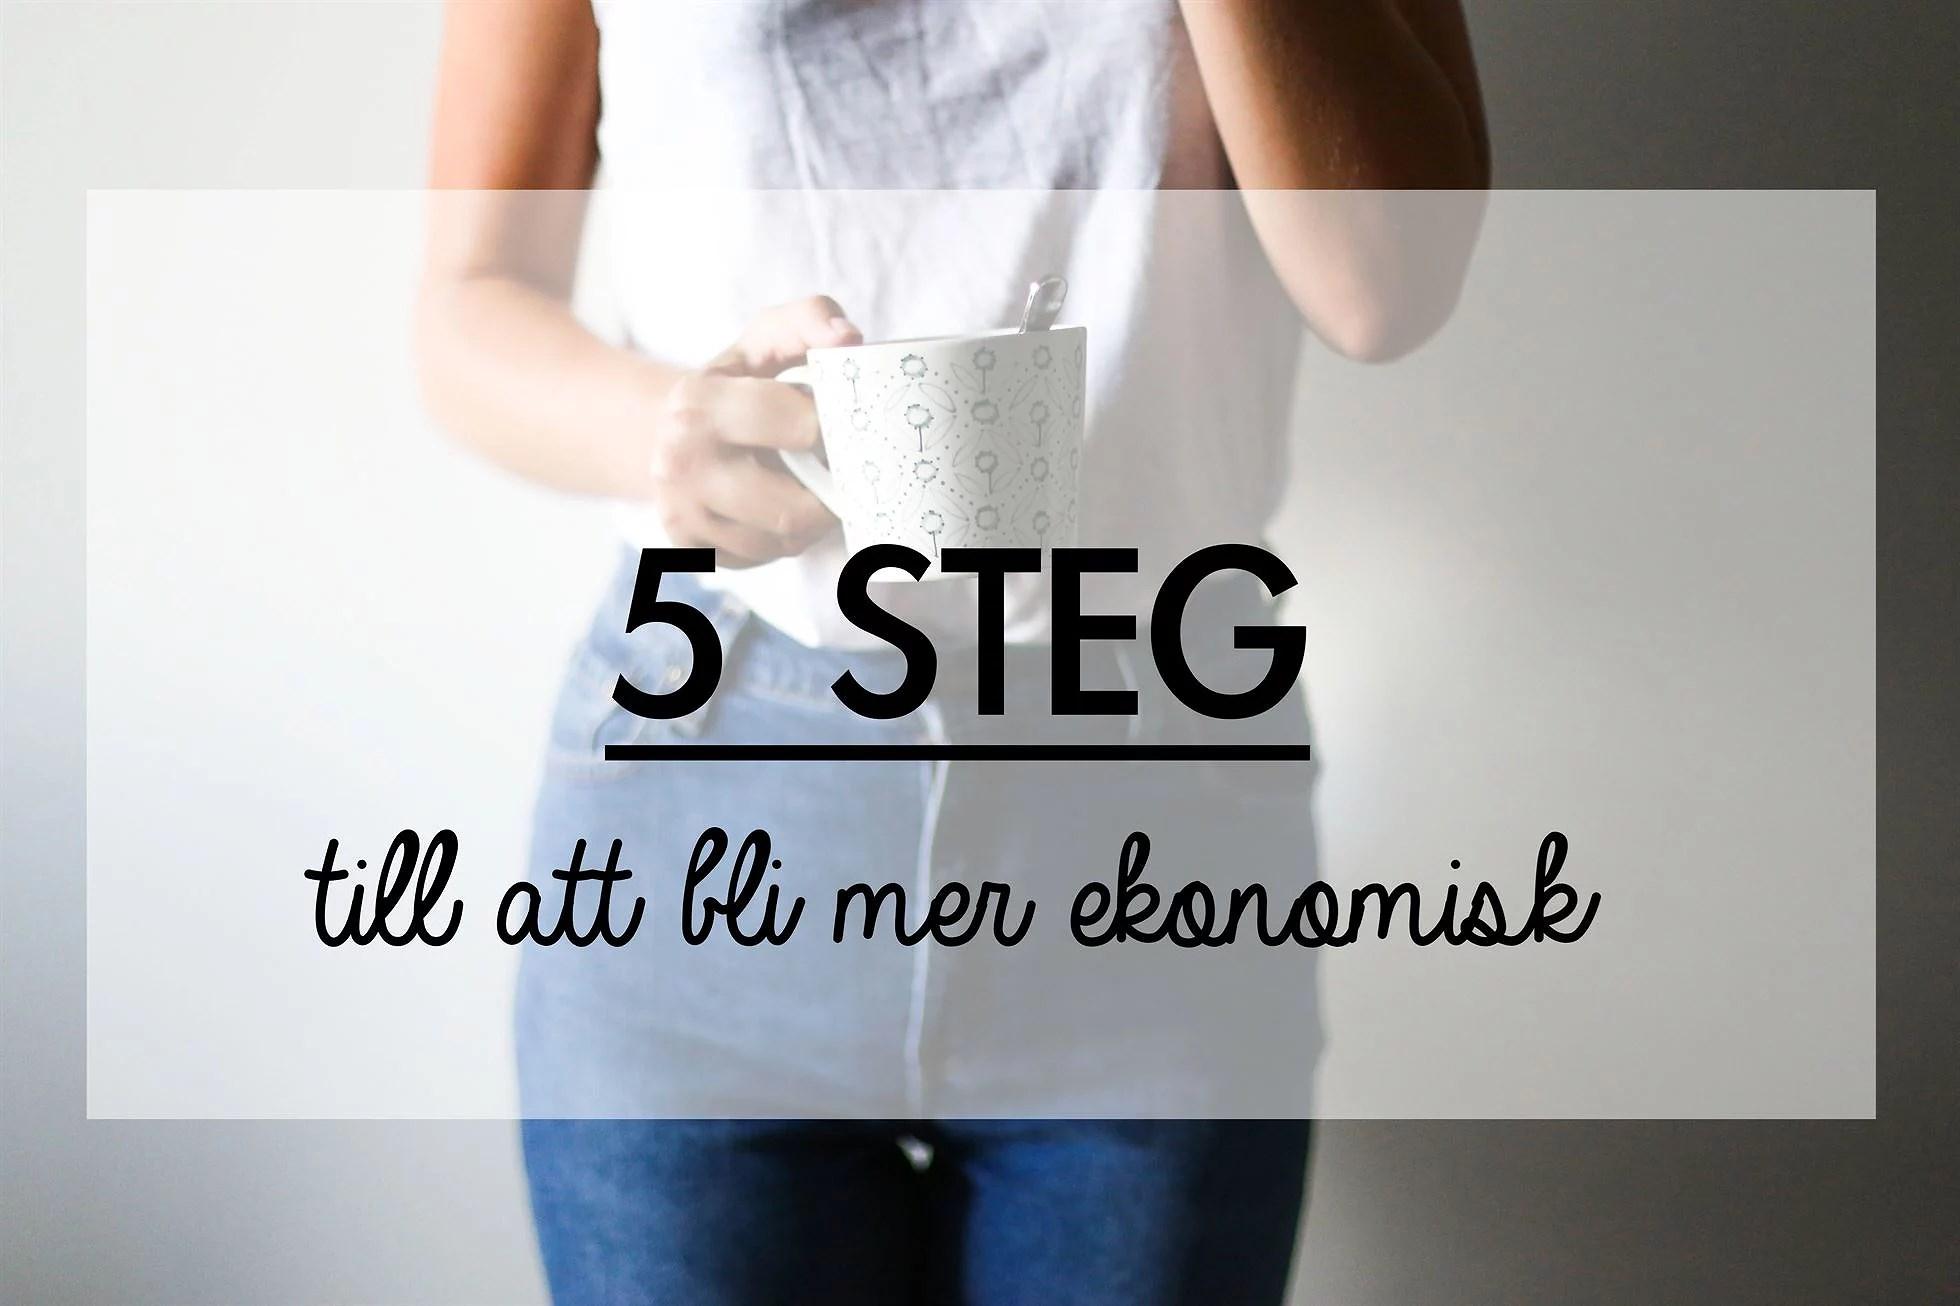 5 TIPS FÖR ATT BLI MER EKONOMISK